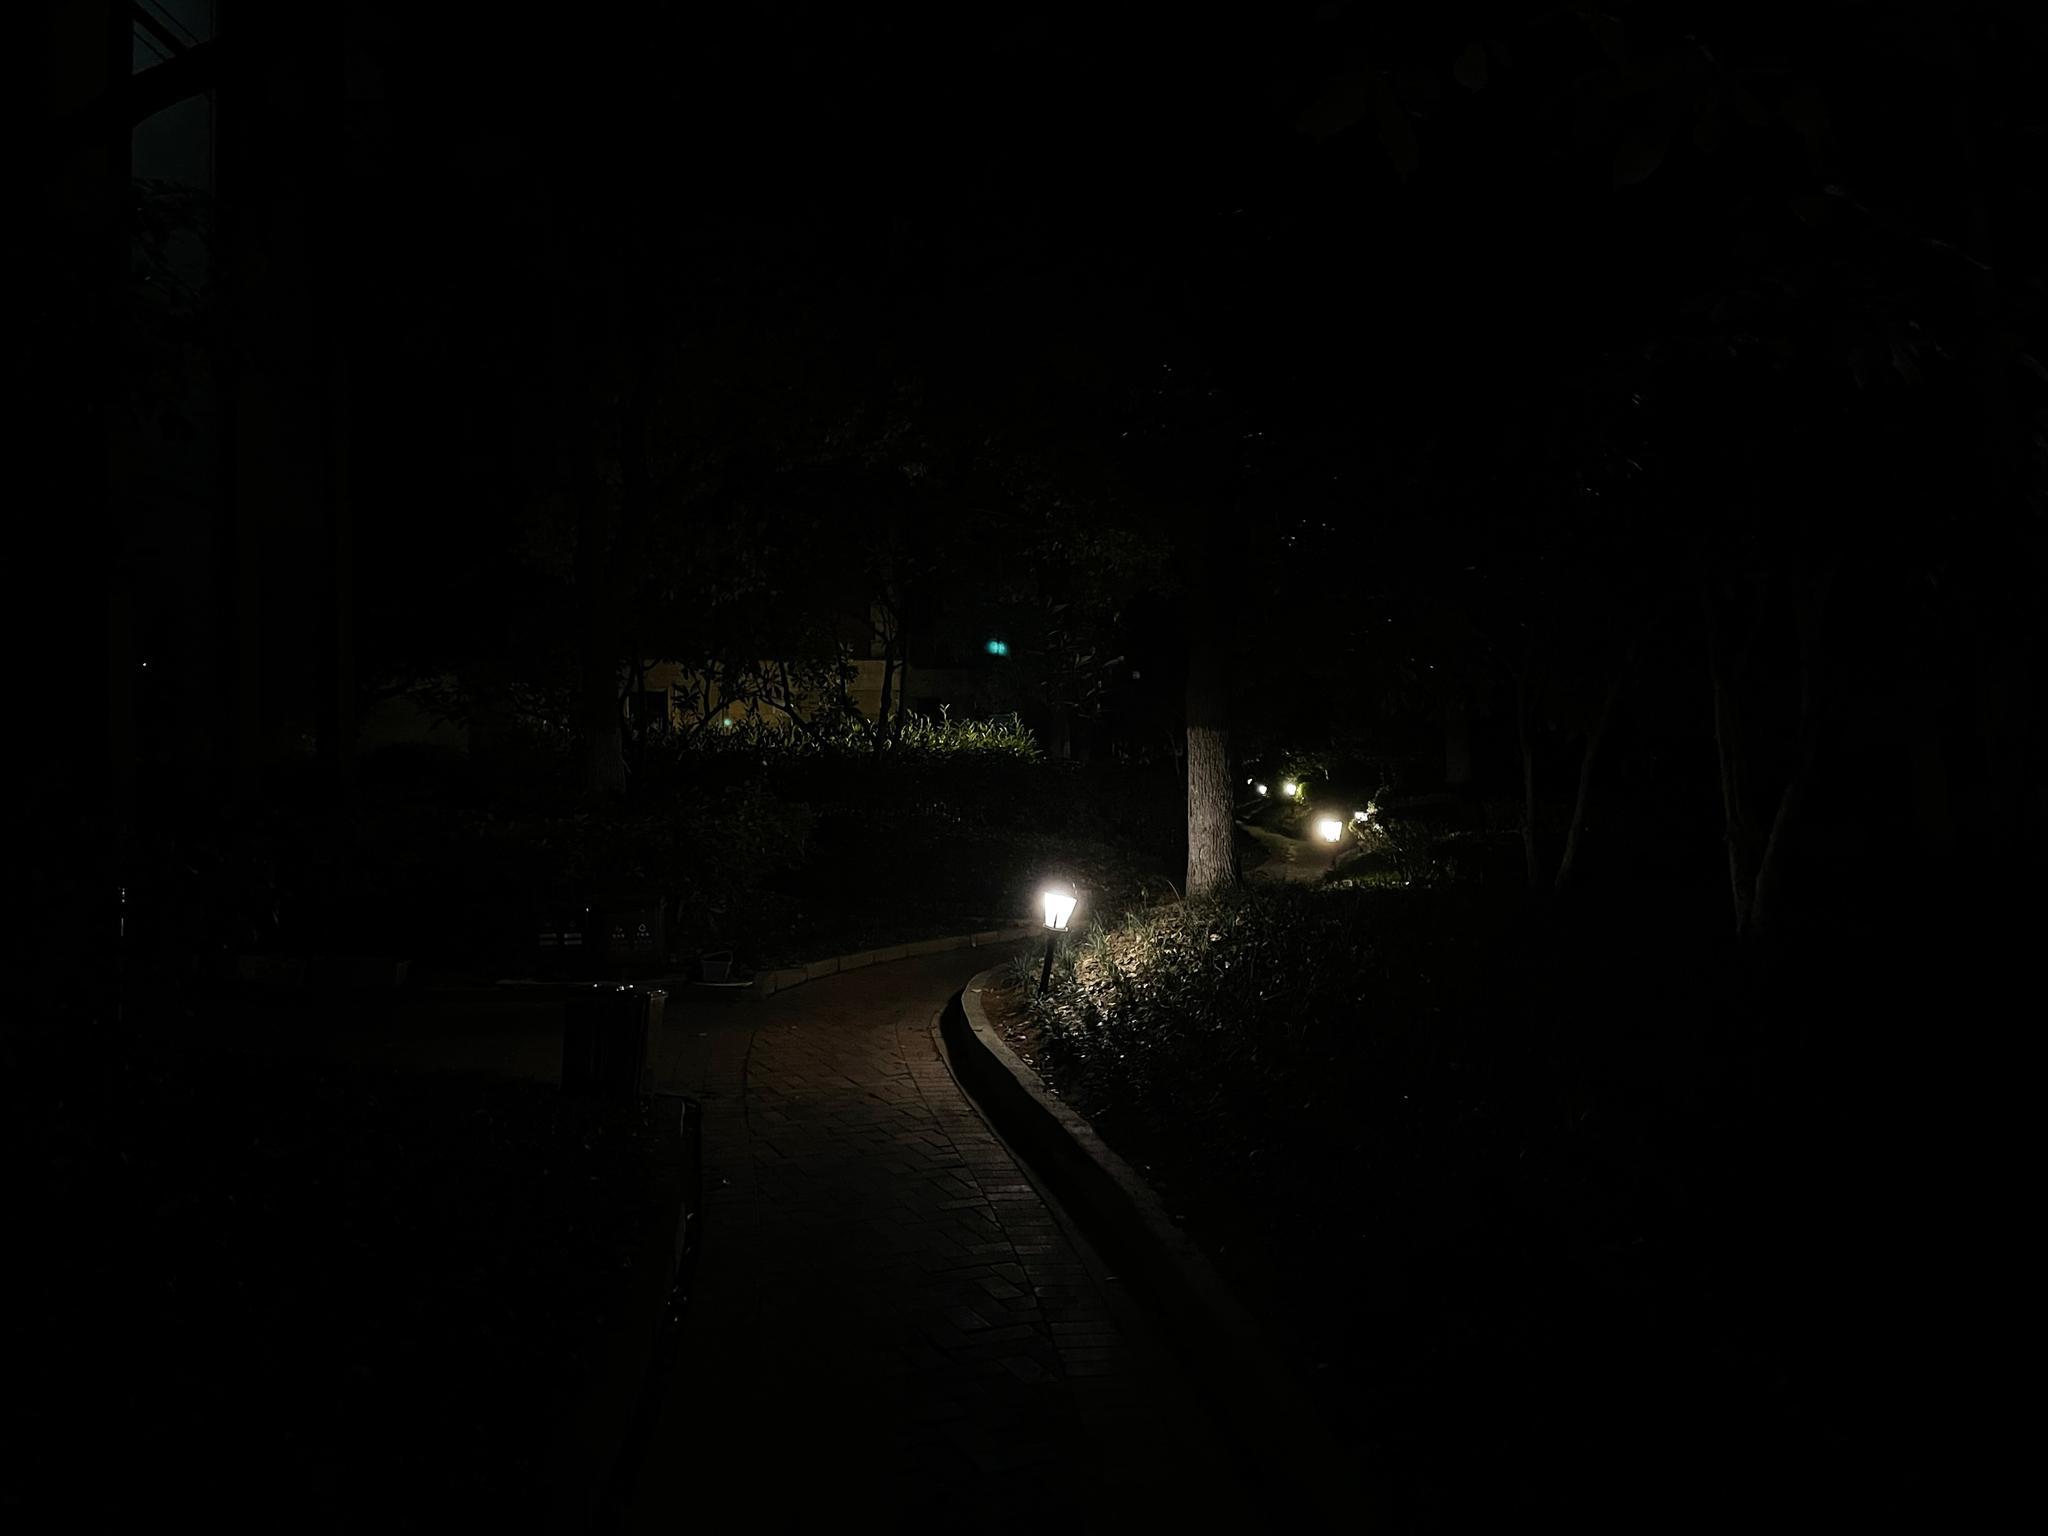 我就很好奇我们小区这个灯装的是干嘛用的